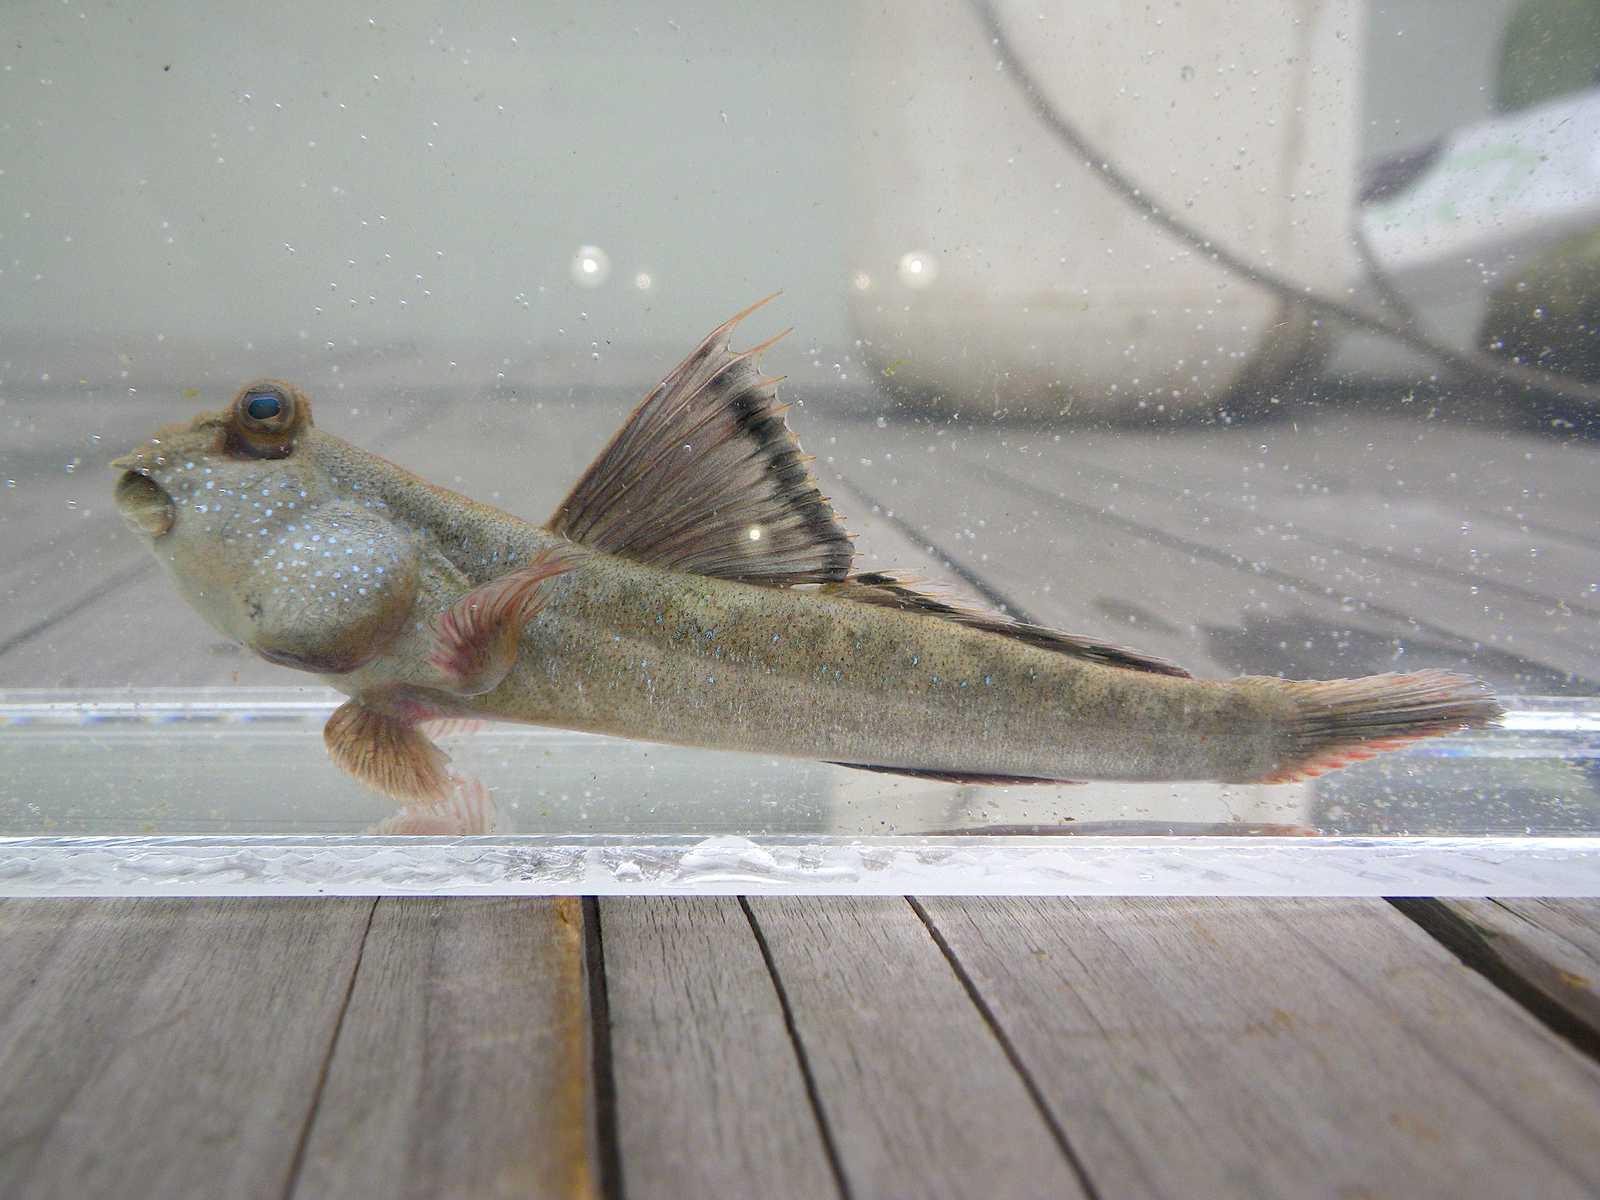 큰볏말뚝망둥어(クンビョッマルットゥクマンドゥンオ 和名不明 トビハゼ属の魚 Periophthalmus magnuspinnatus)